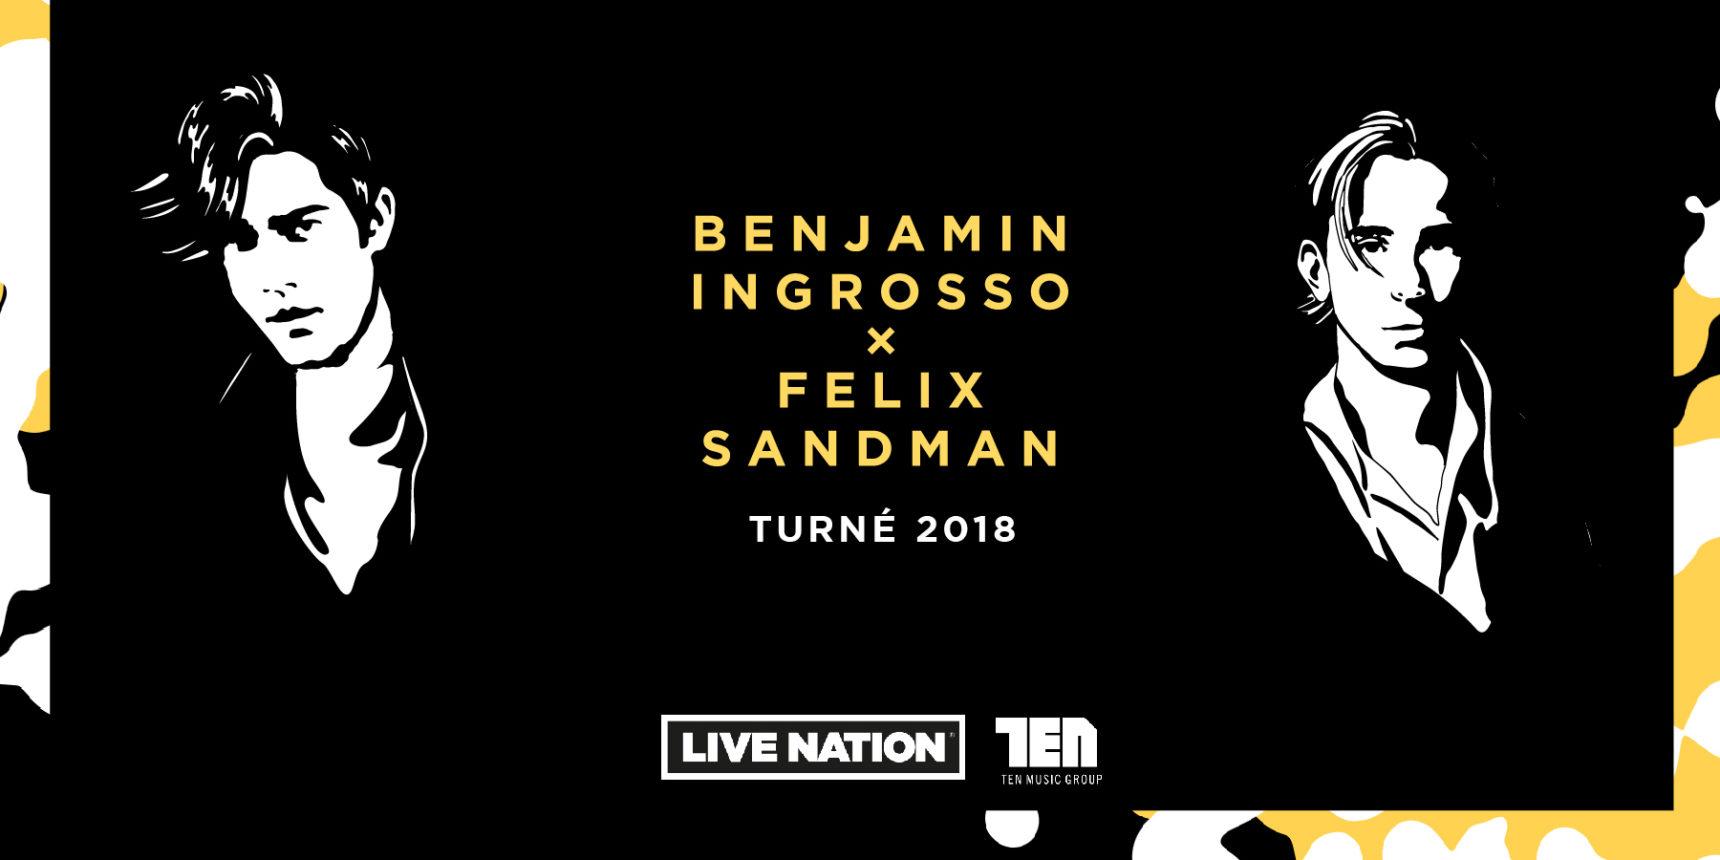 Benjamin Ingrosso och Felix Sandman